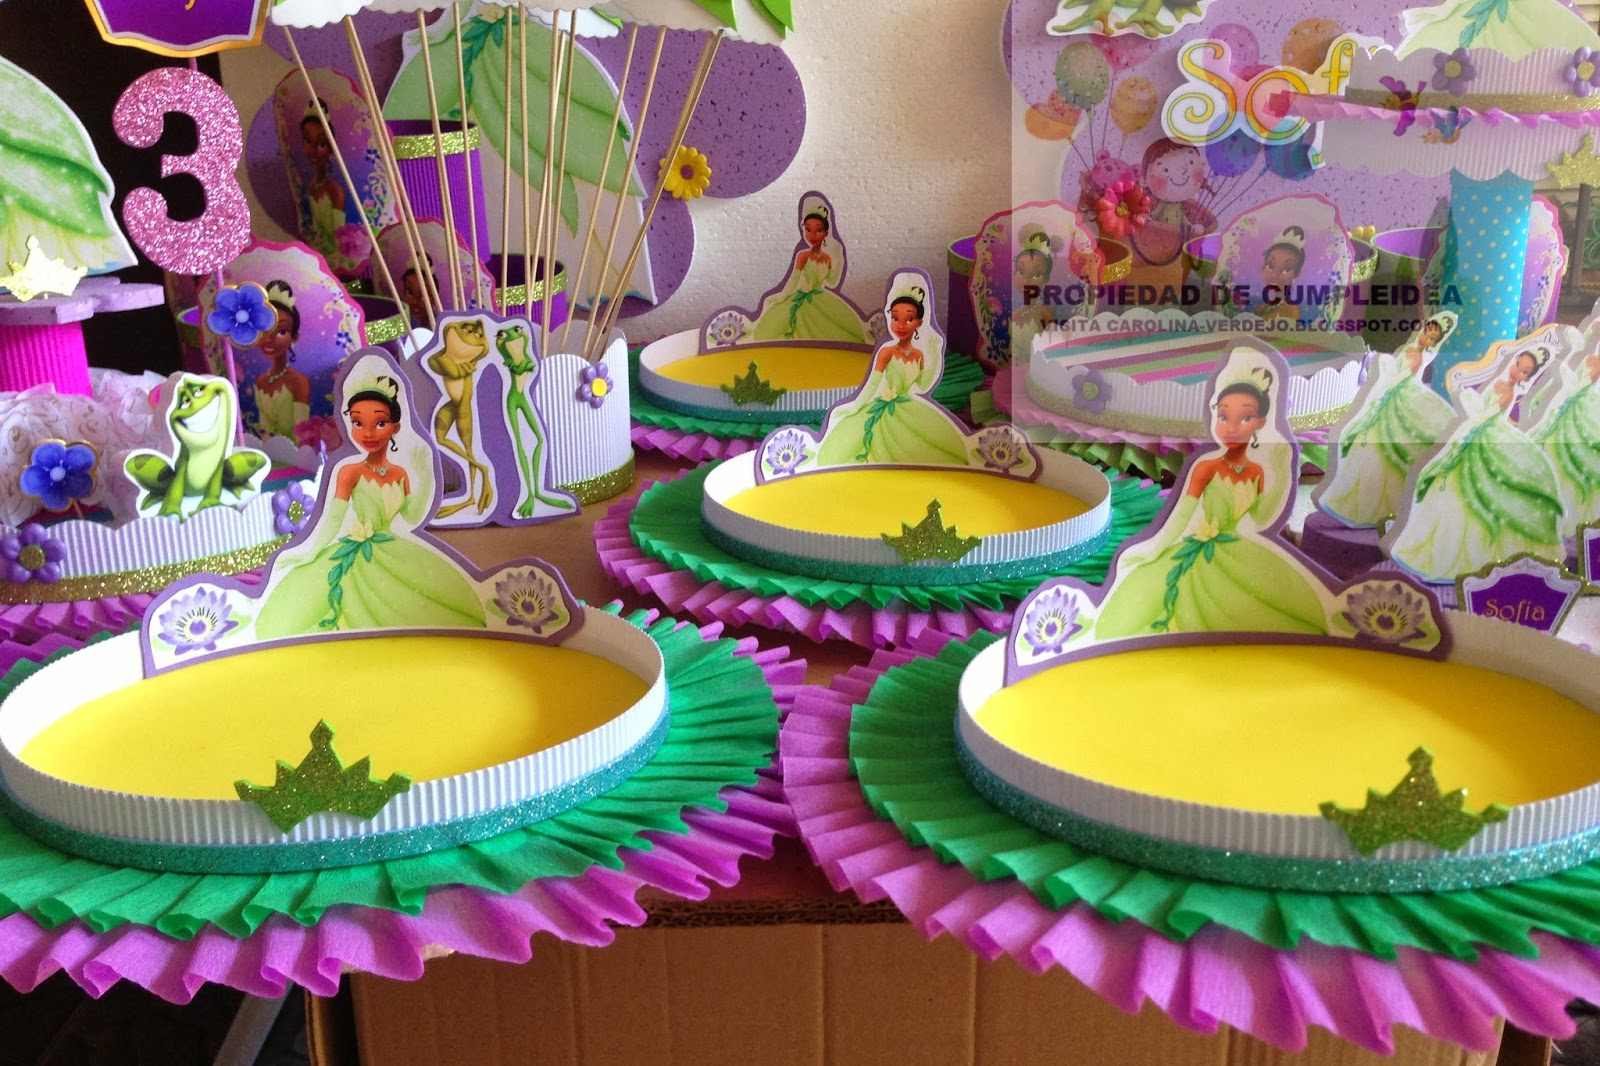 Fiesta al estilo de la Princesa y el Sapo | Fiesta101